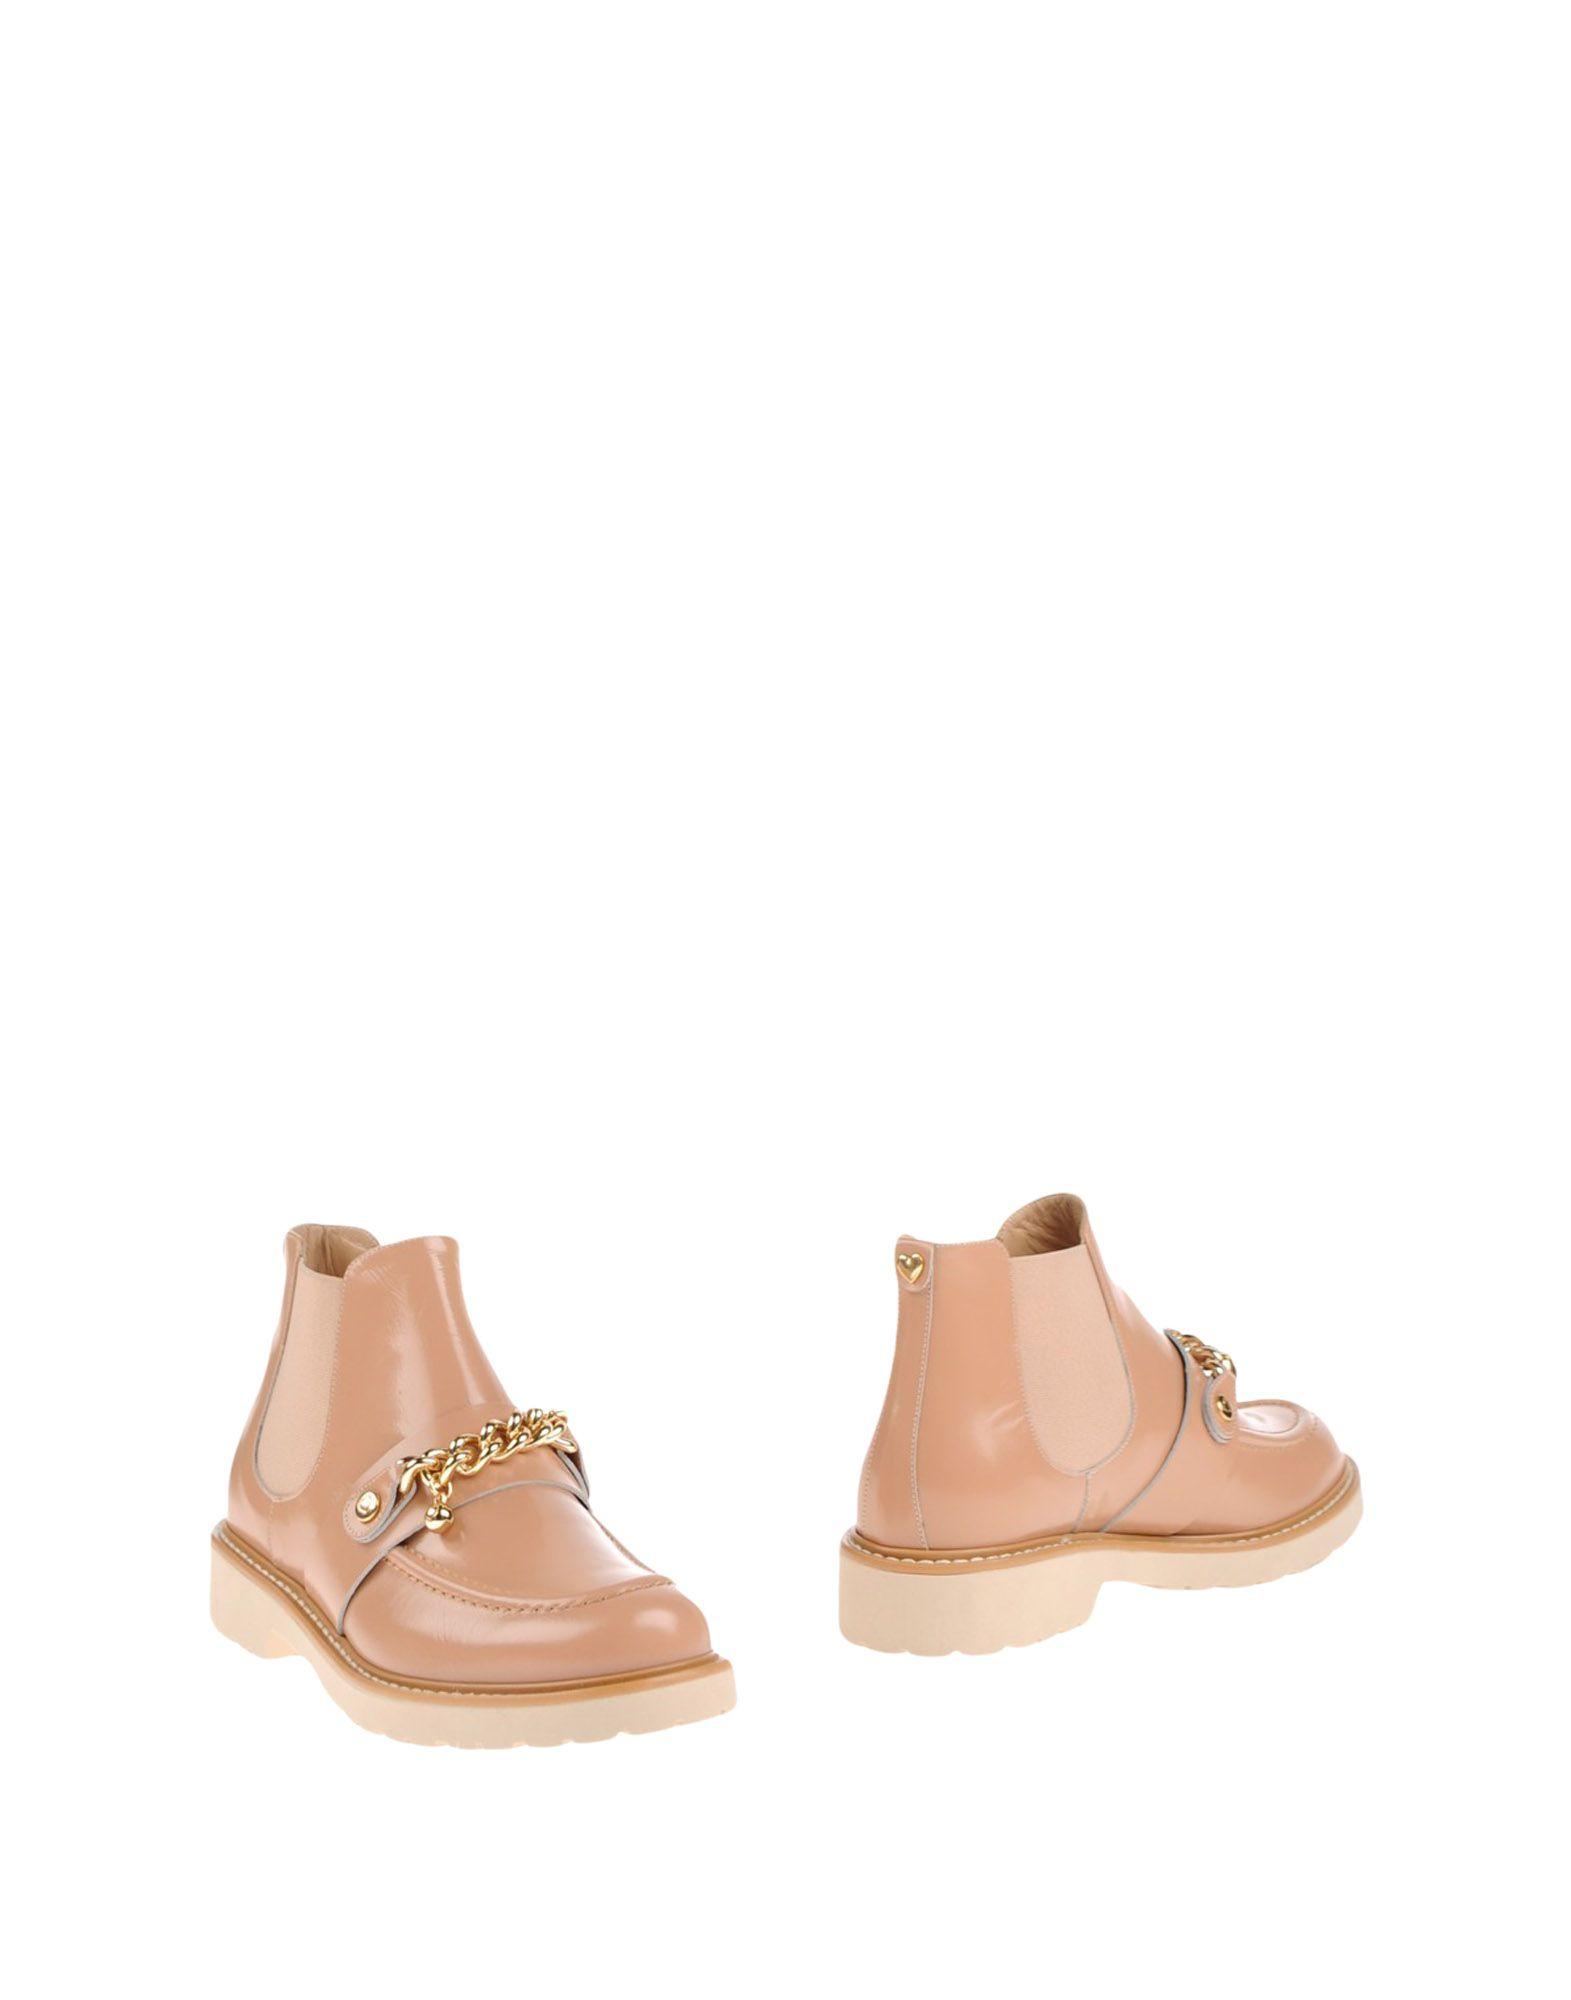 Bottillons Twin-Set Simona Barbieri Femme - Bottillons Twin-Set Simona Barbieri Chair Les chaussures les plus populaires pour les hommes et les femmes